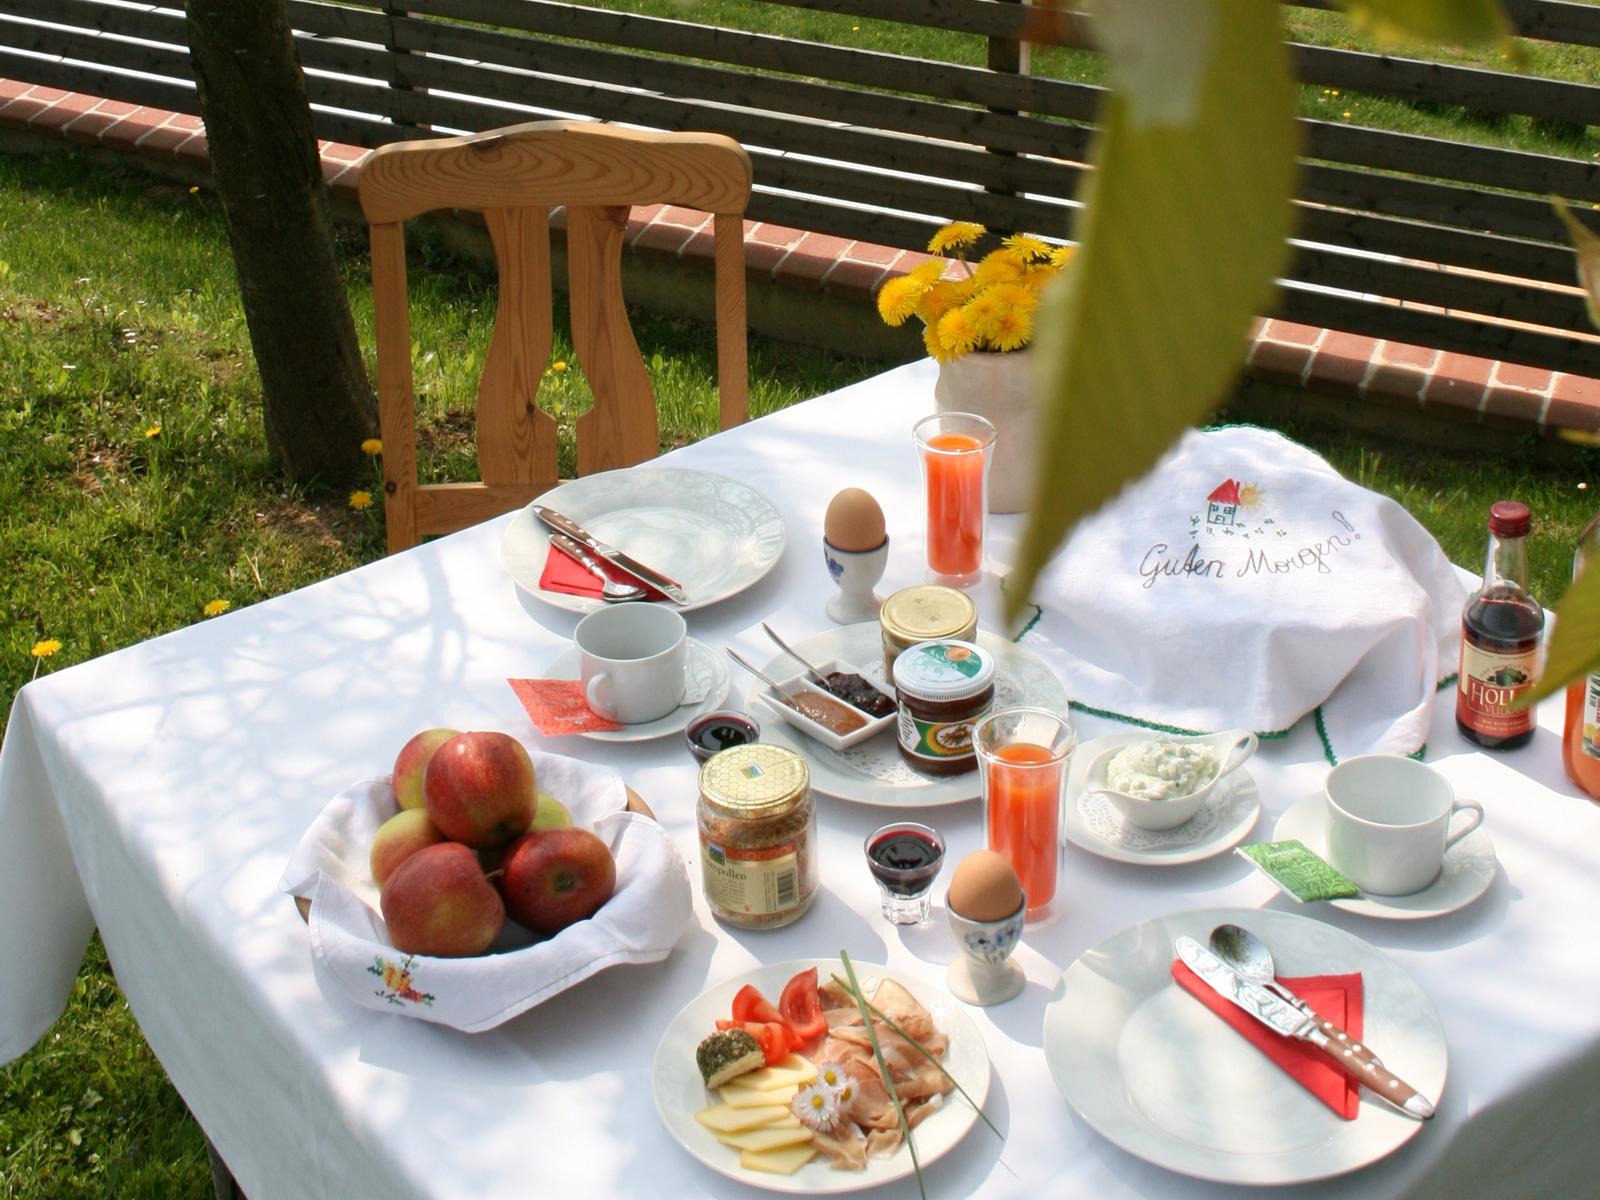 Urlaub im Ferienhaus mit Vulkanland-Frühstück